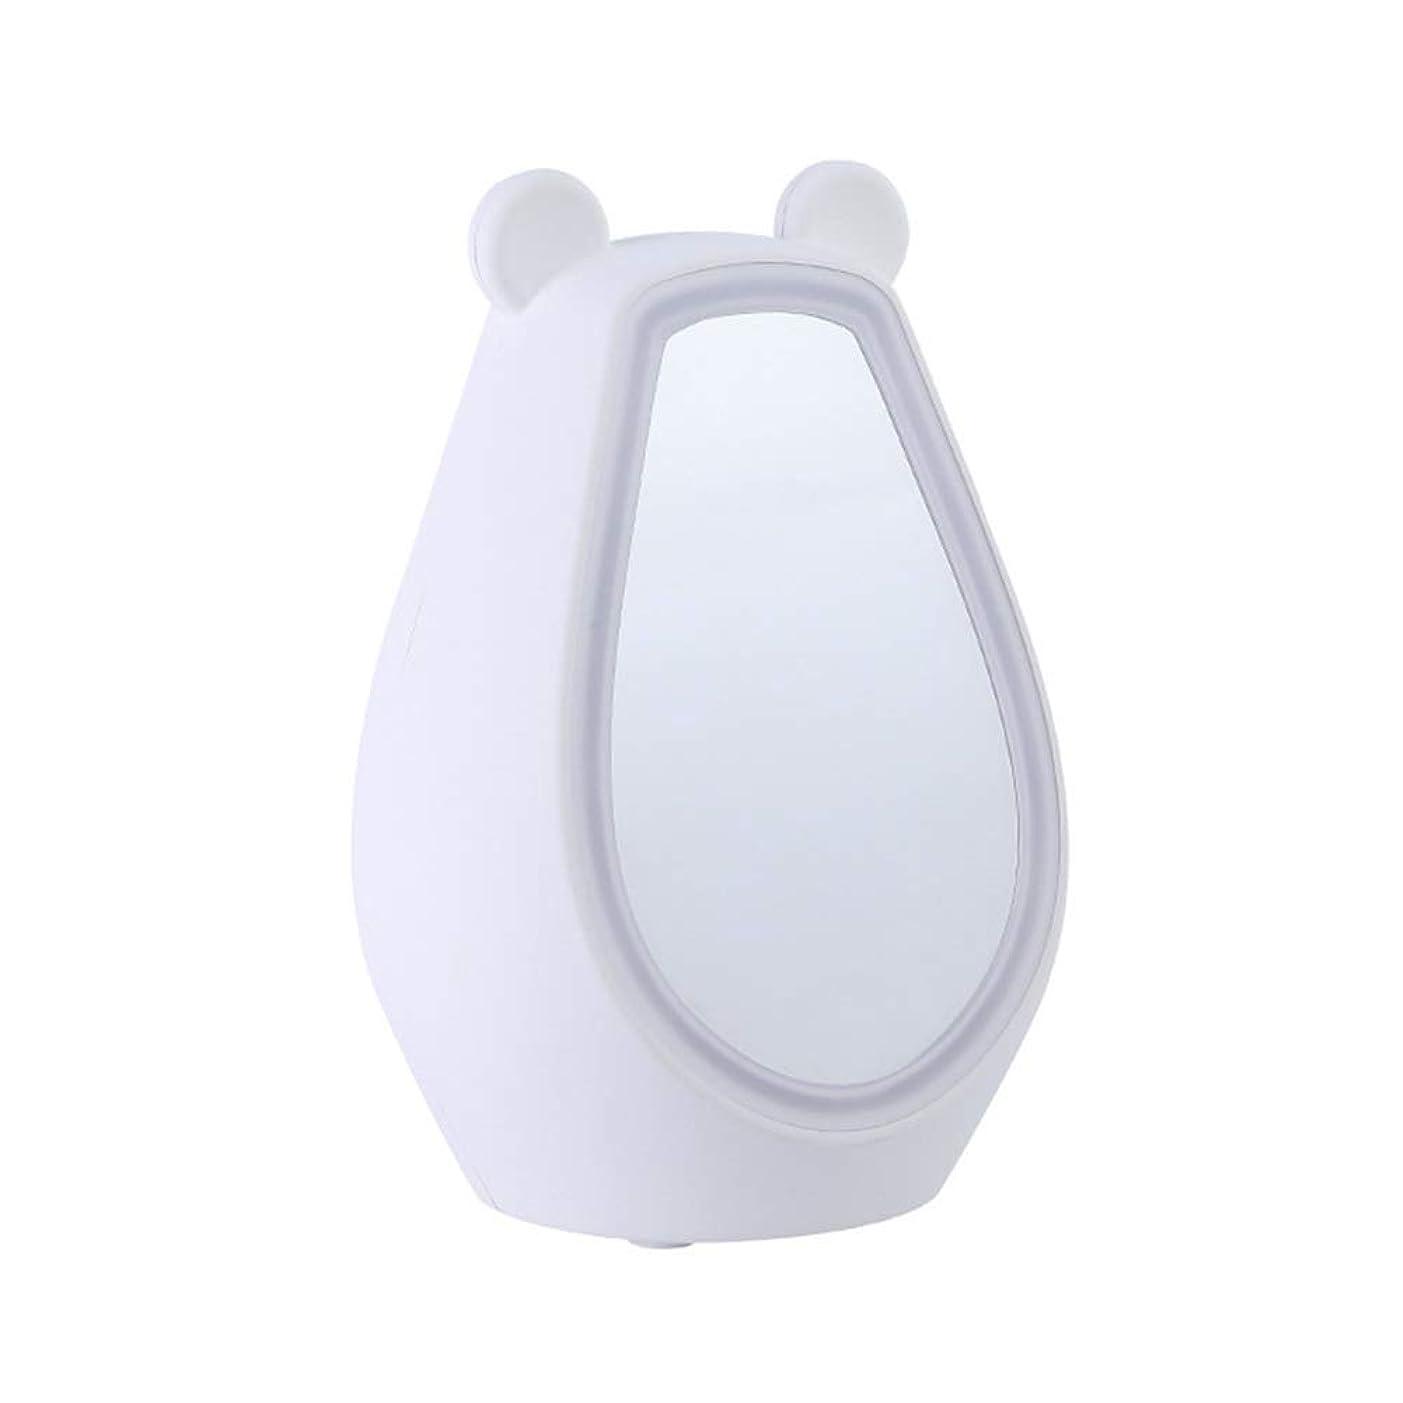 豊かにする名詞レンズクリエイティブled化粧鏡目覚まし時計多機能美容ミラースクエアデスクトップミラーブルートゥーススピーカーusbプラグインミラー